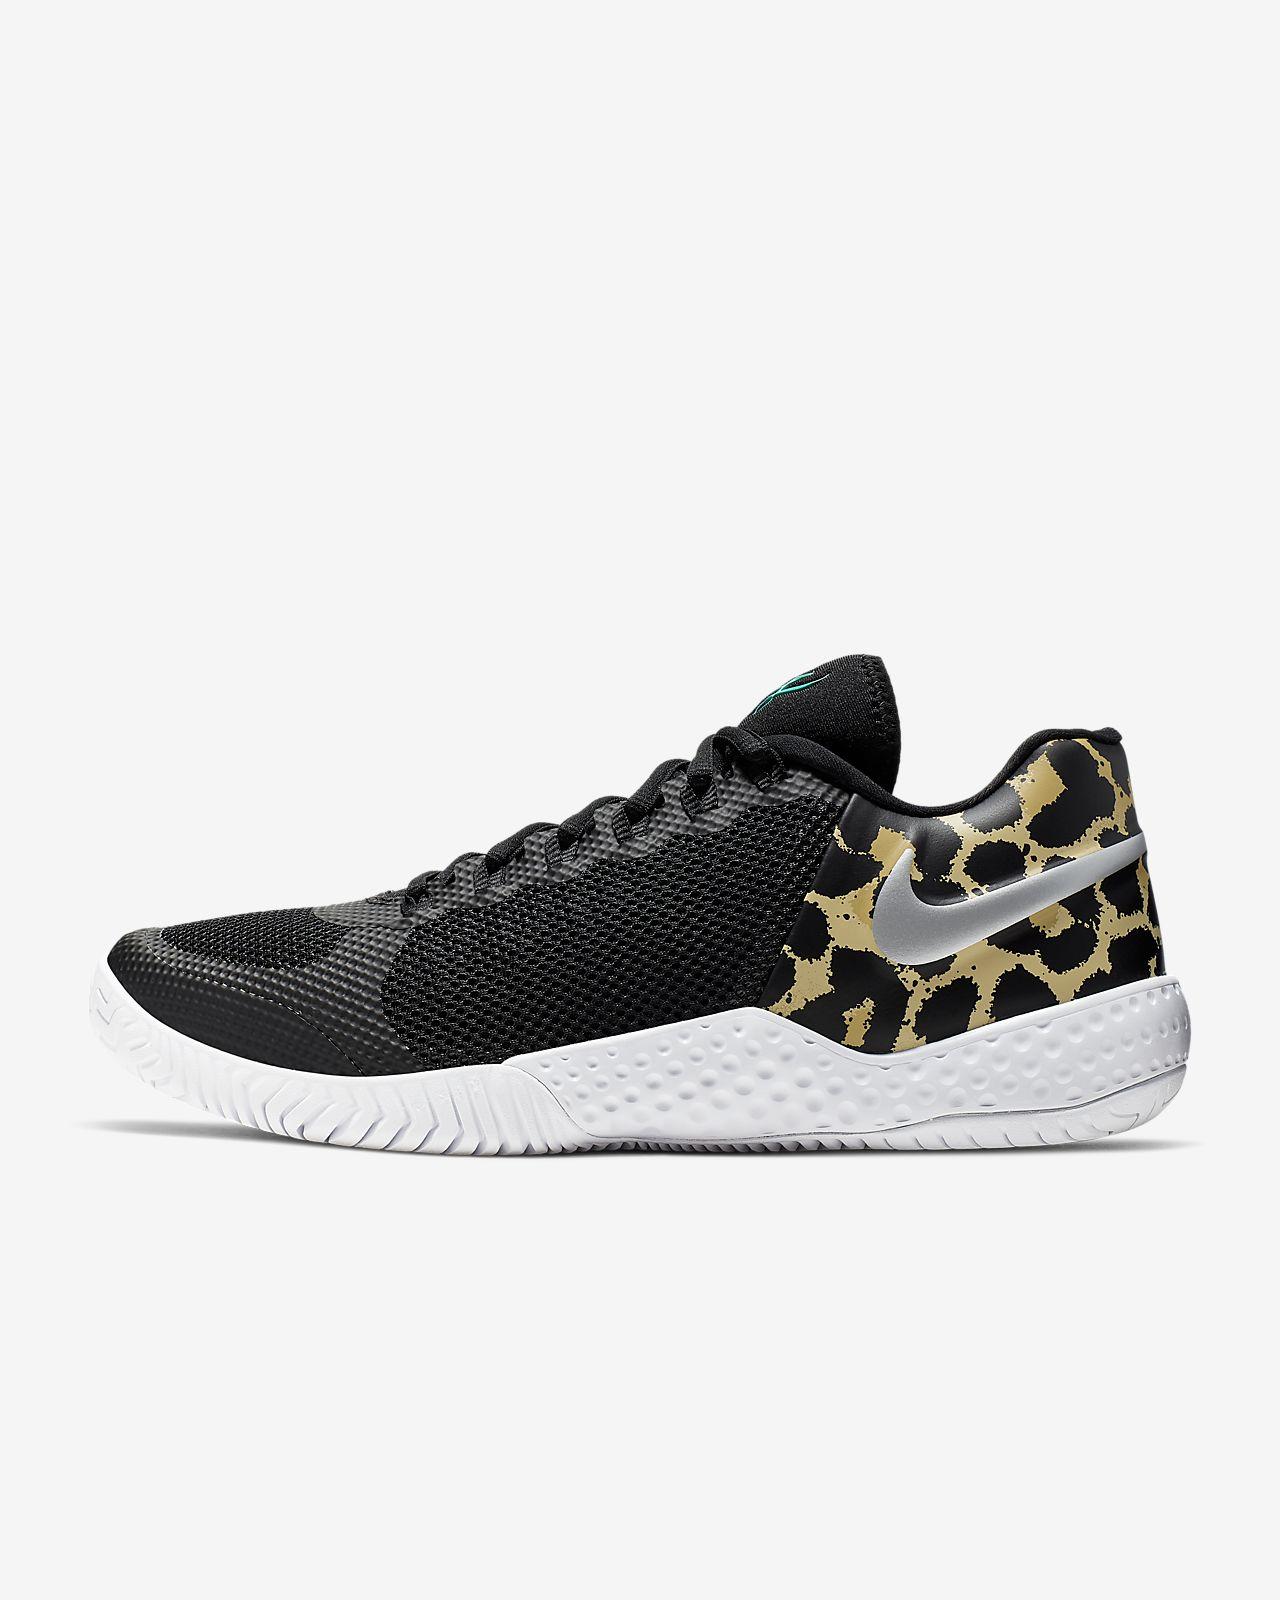 NikeCourt Flare 2 Zapatillas de tenis de pista rápida - Mujer